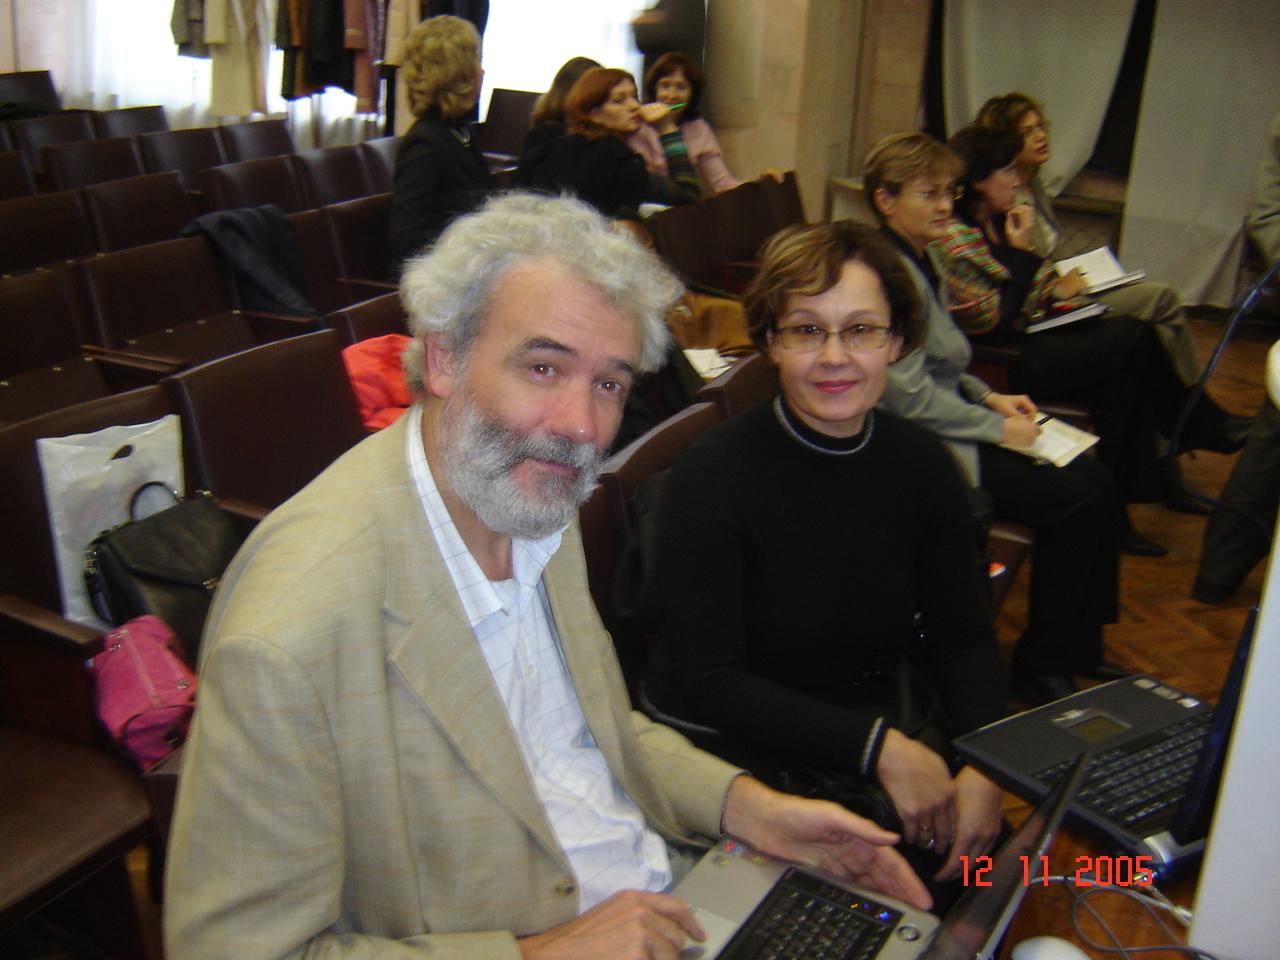 Профессор Оливье Дюлак, эпилептолог, Президент научного совета Французского Фонда по исследовании эпилепсии, нейропедиатр.